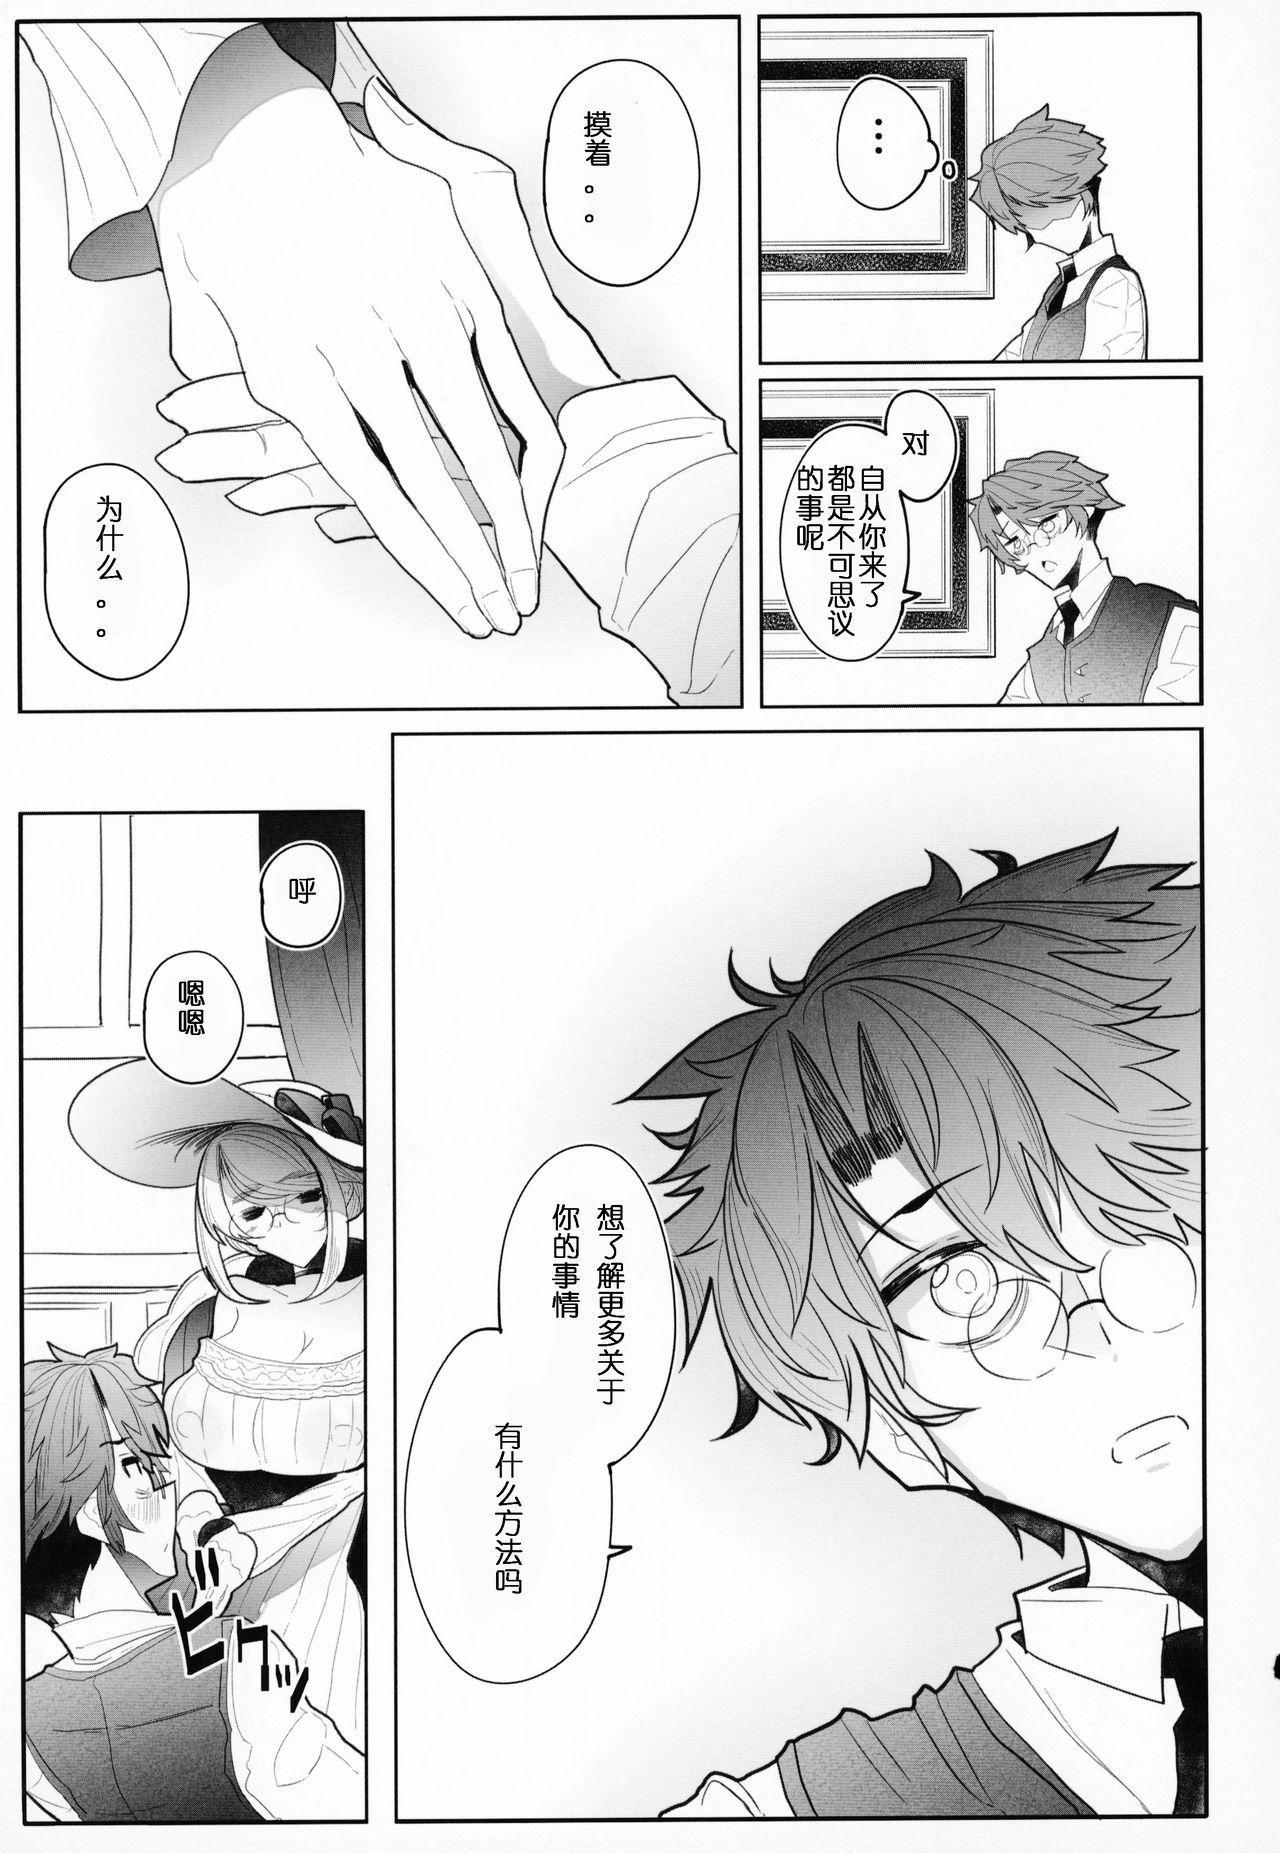 Shinshi Tsuki Maid no Sophie-san 3 23